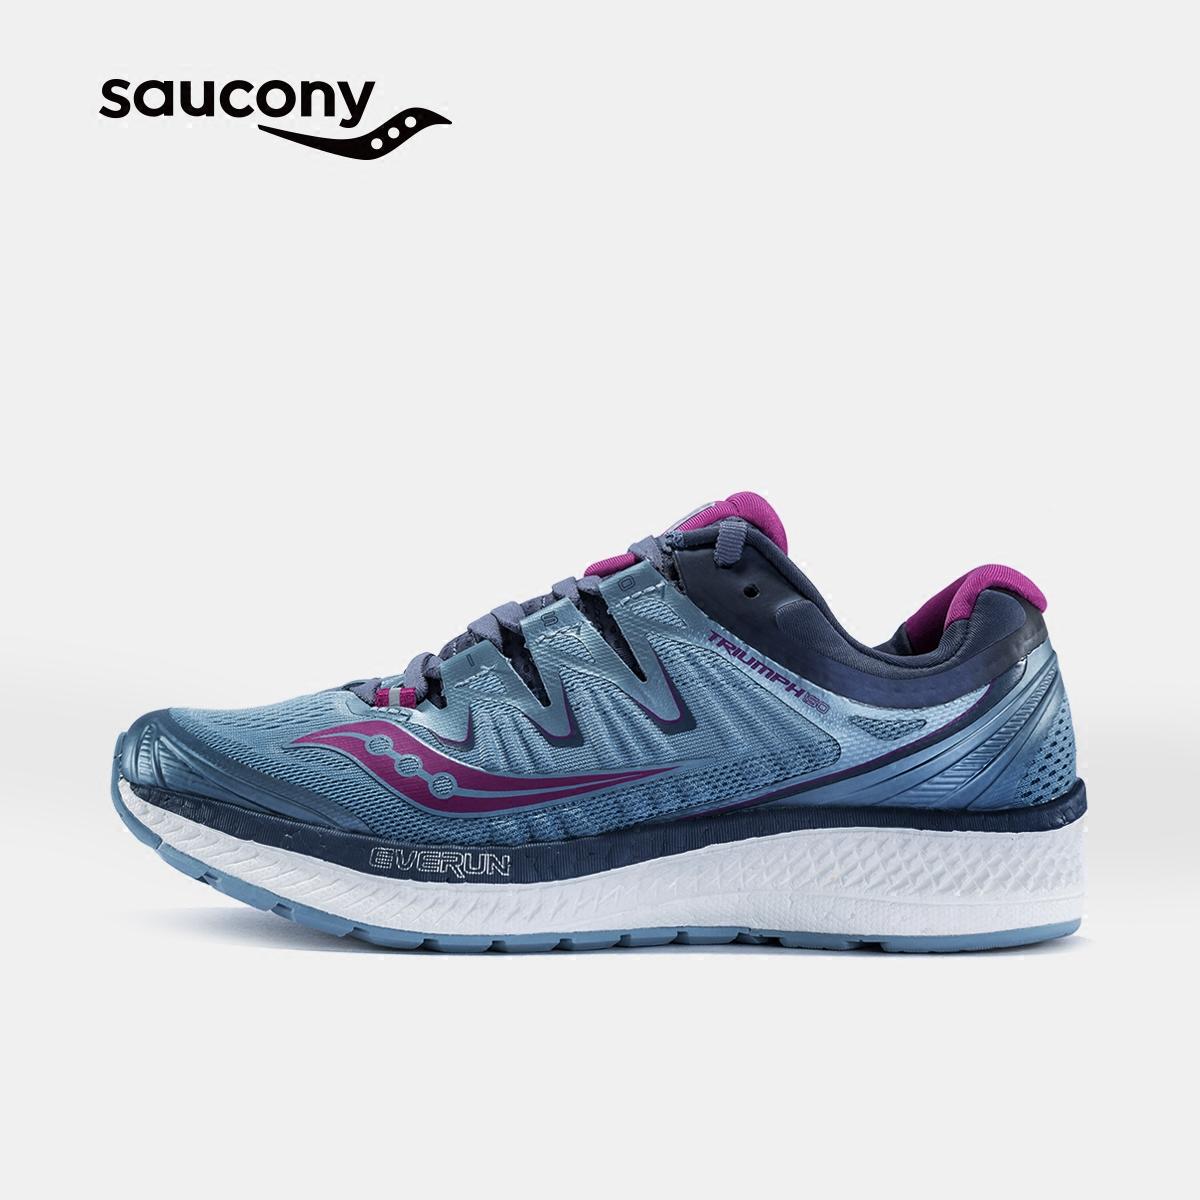 Saucony圣康尼TRIUMPH ISO4 舒适缓震运动女子跑步鞋S10413